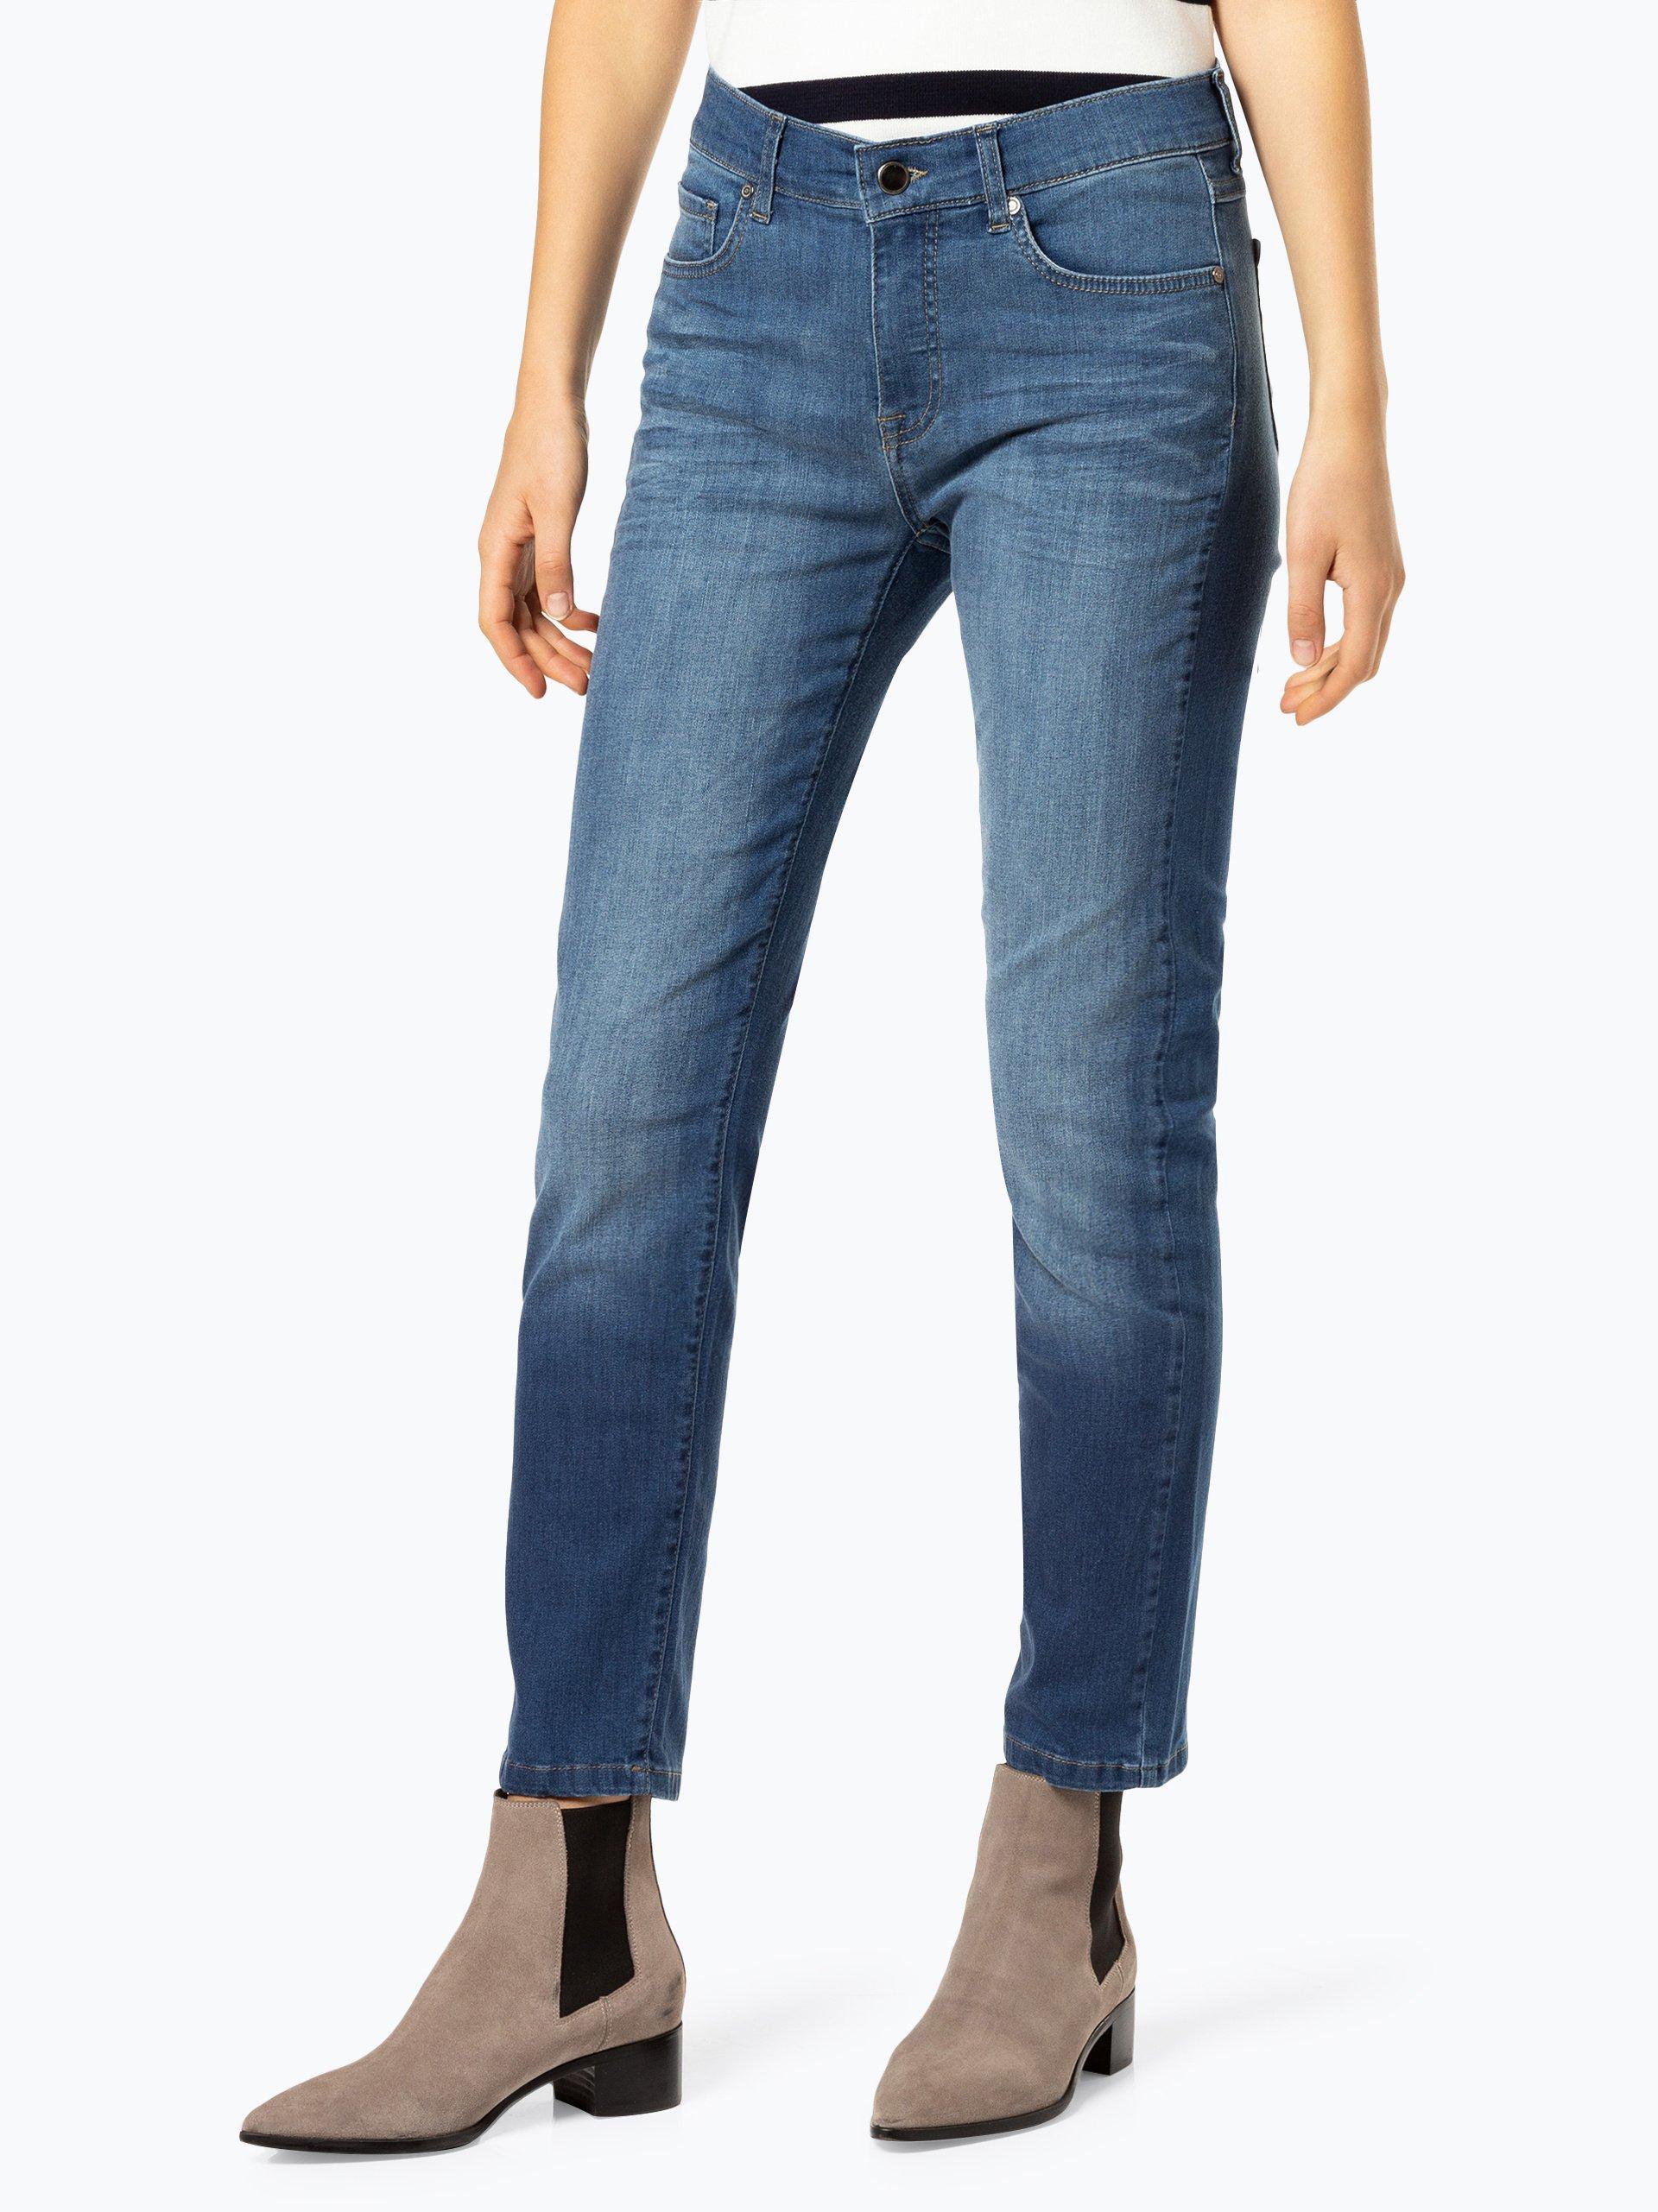 Apriori Damen Jeans - Coordinates